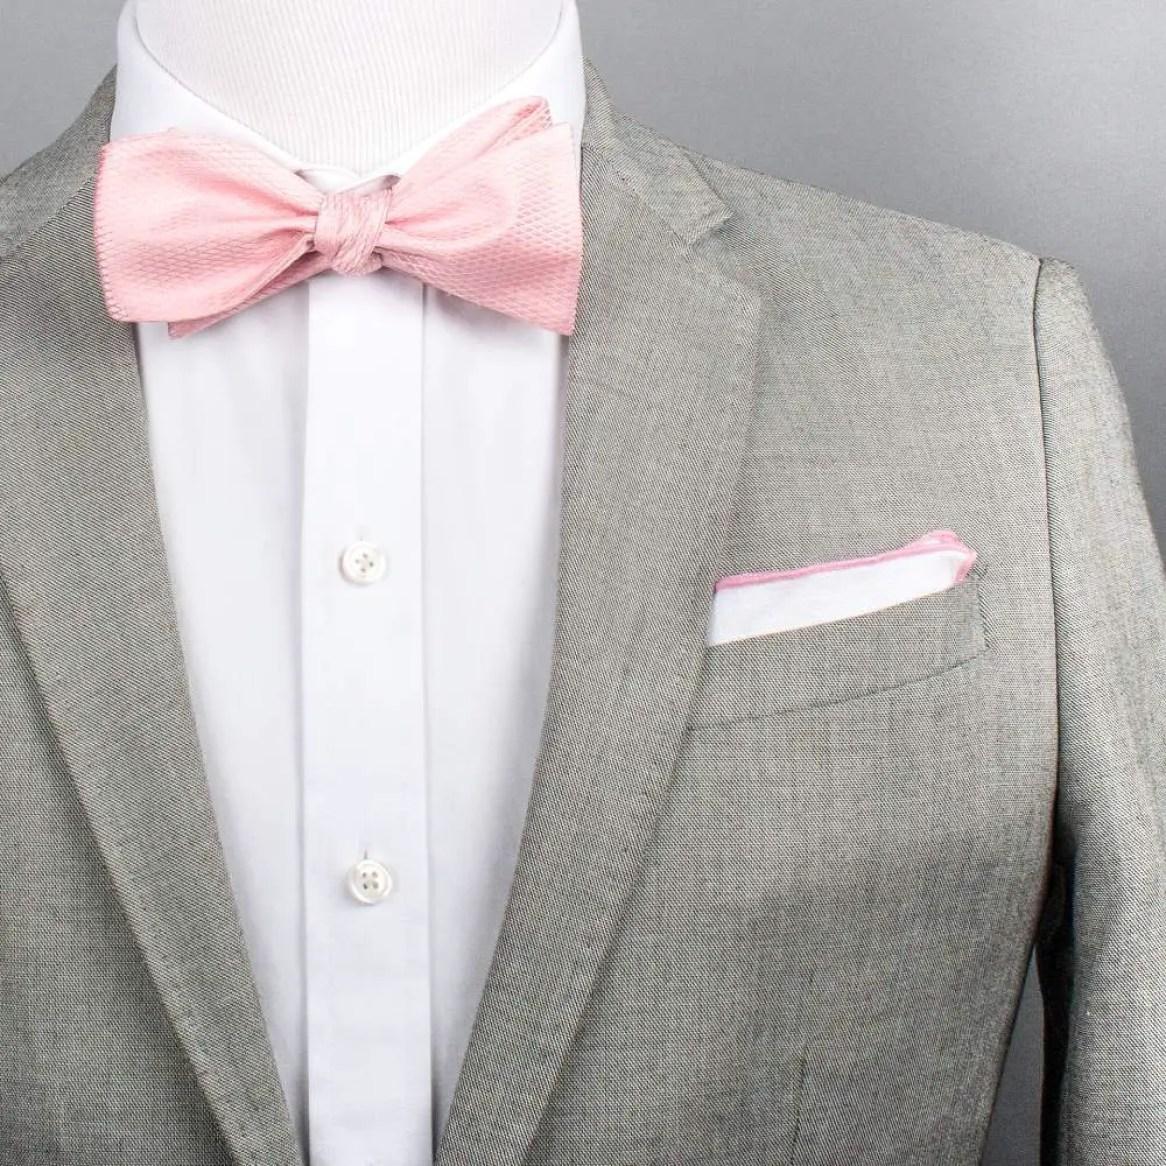 How-to-Dress-Groomsmen-with-SprezzaBox020